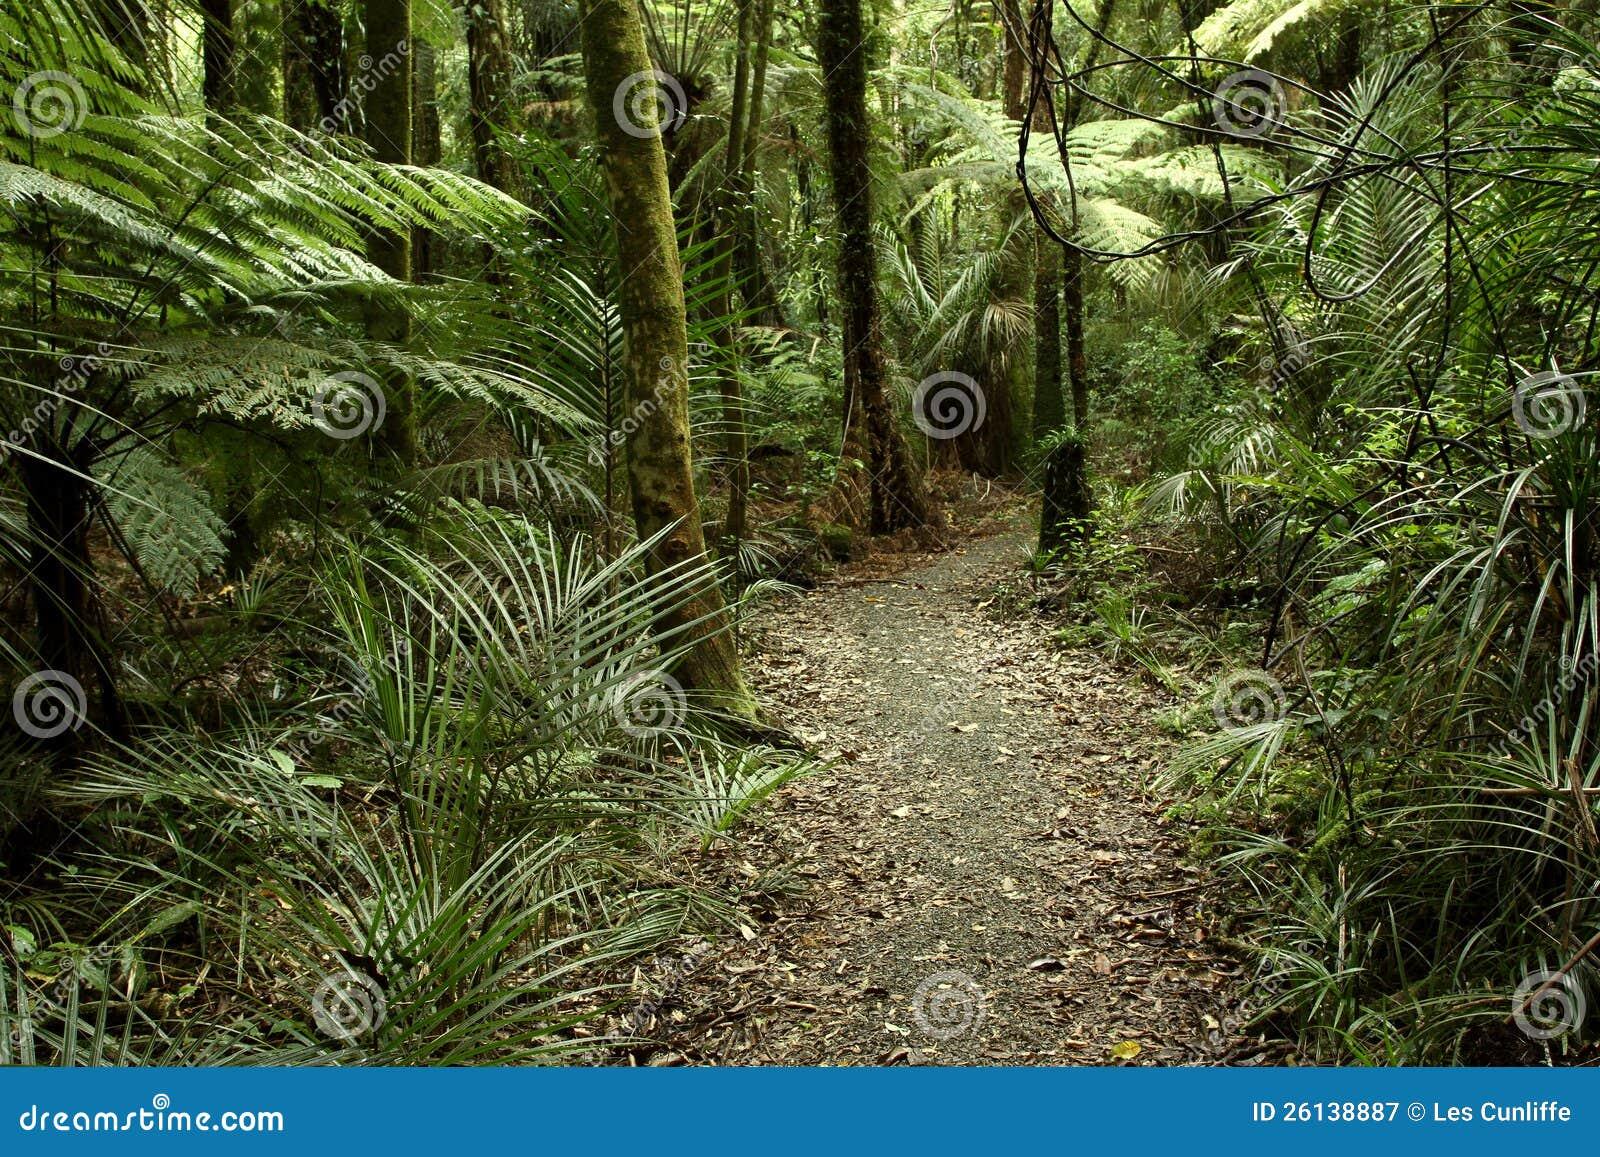 热带森林密林图片